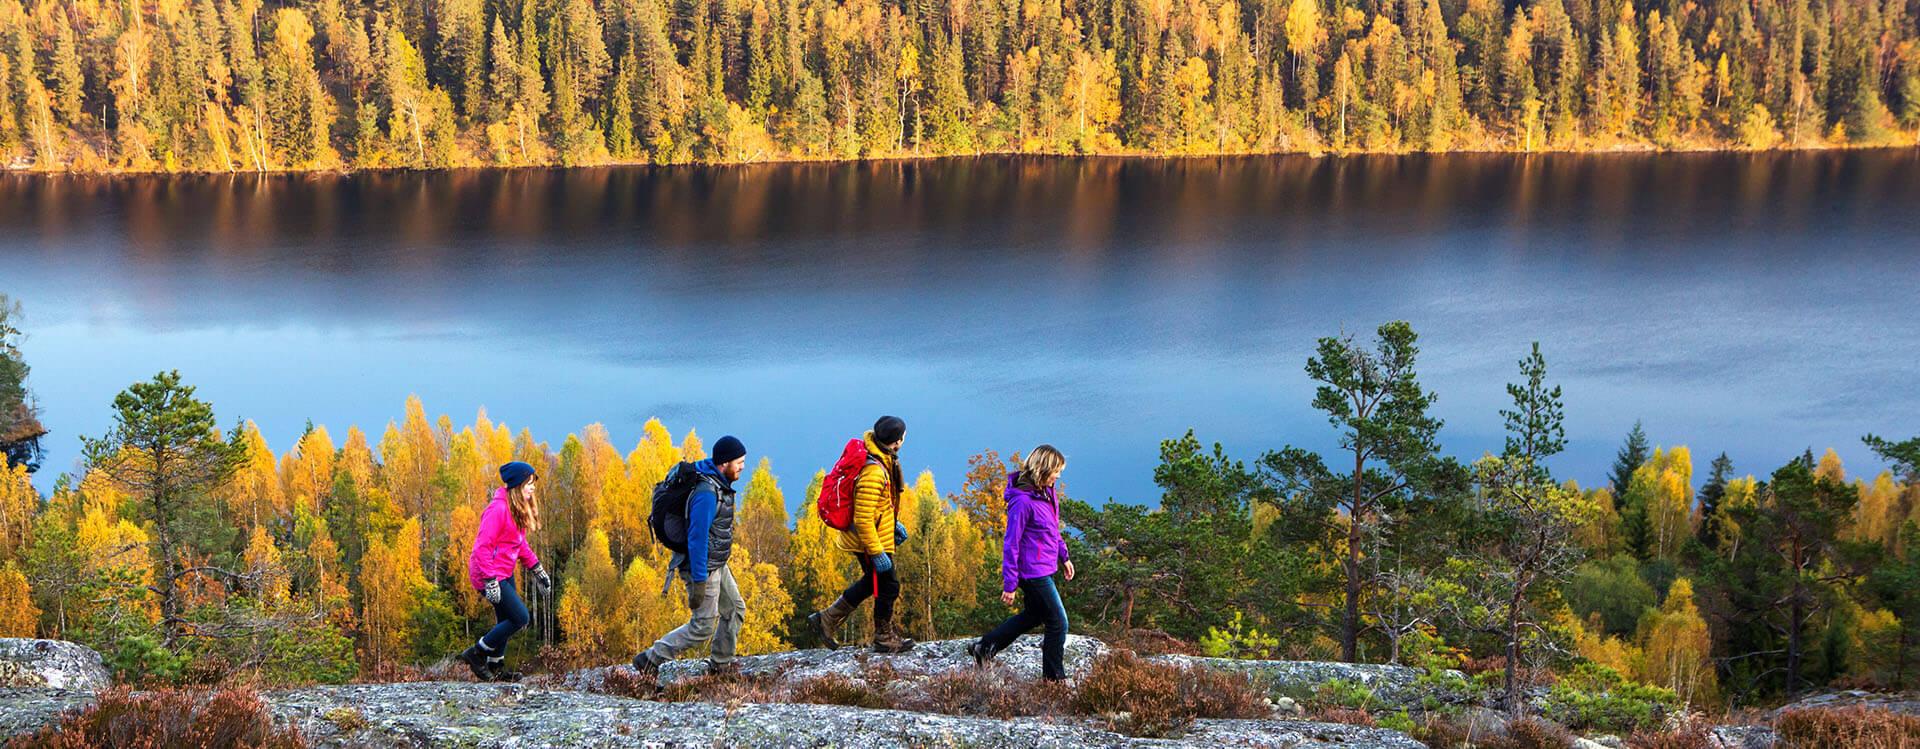 Die Top 10 Erlebnisse, die du in deinem Schweden-Urlaub nicht verpassen darfst 1